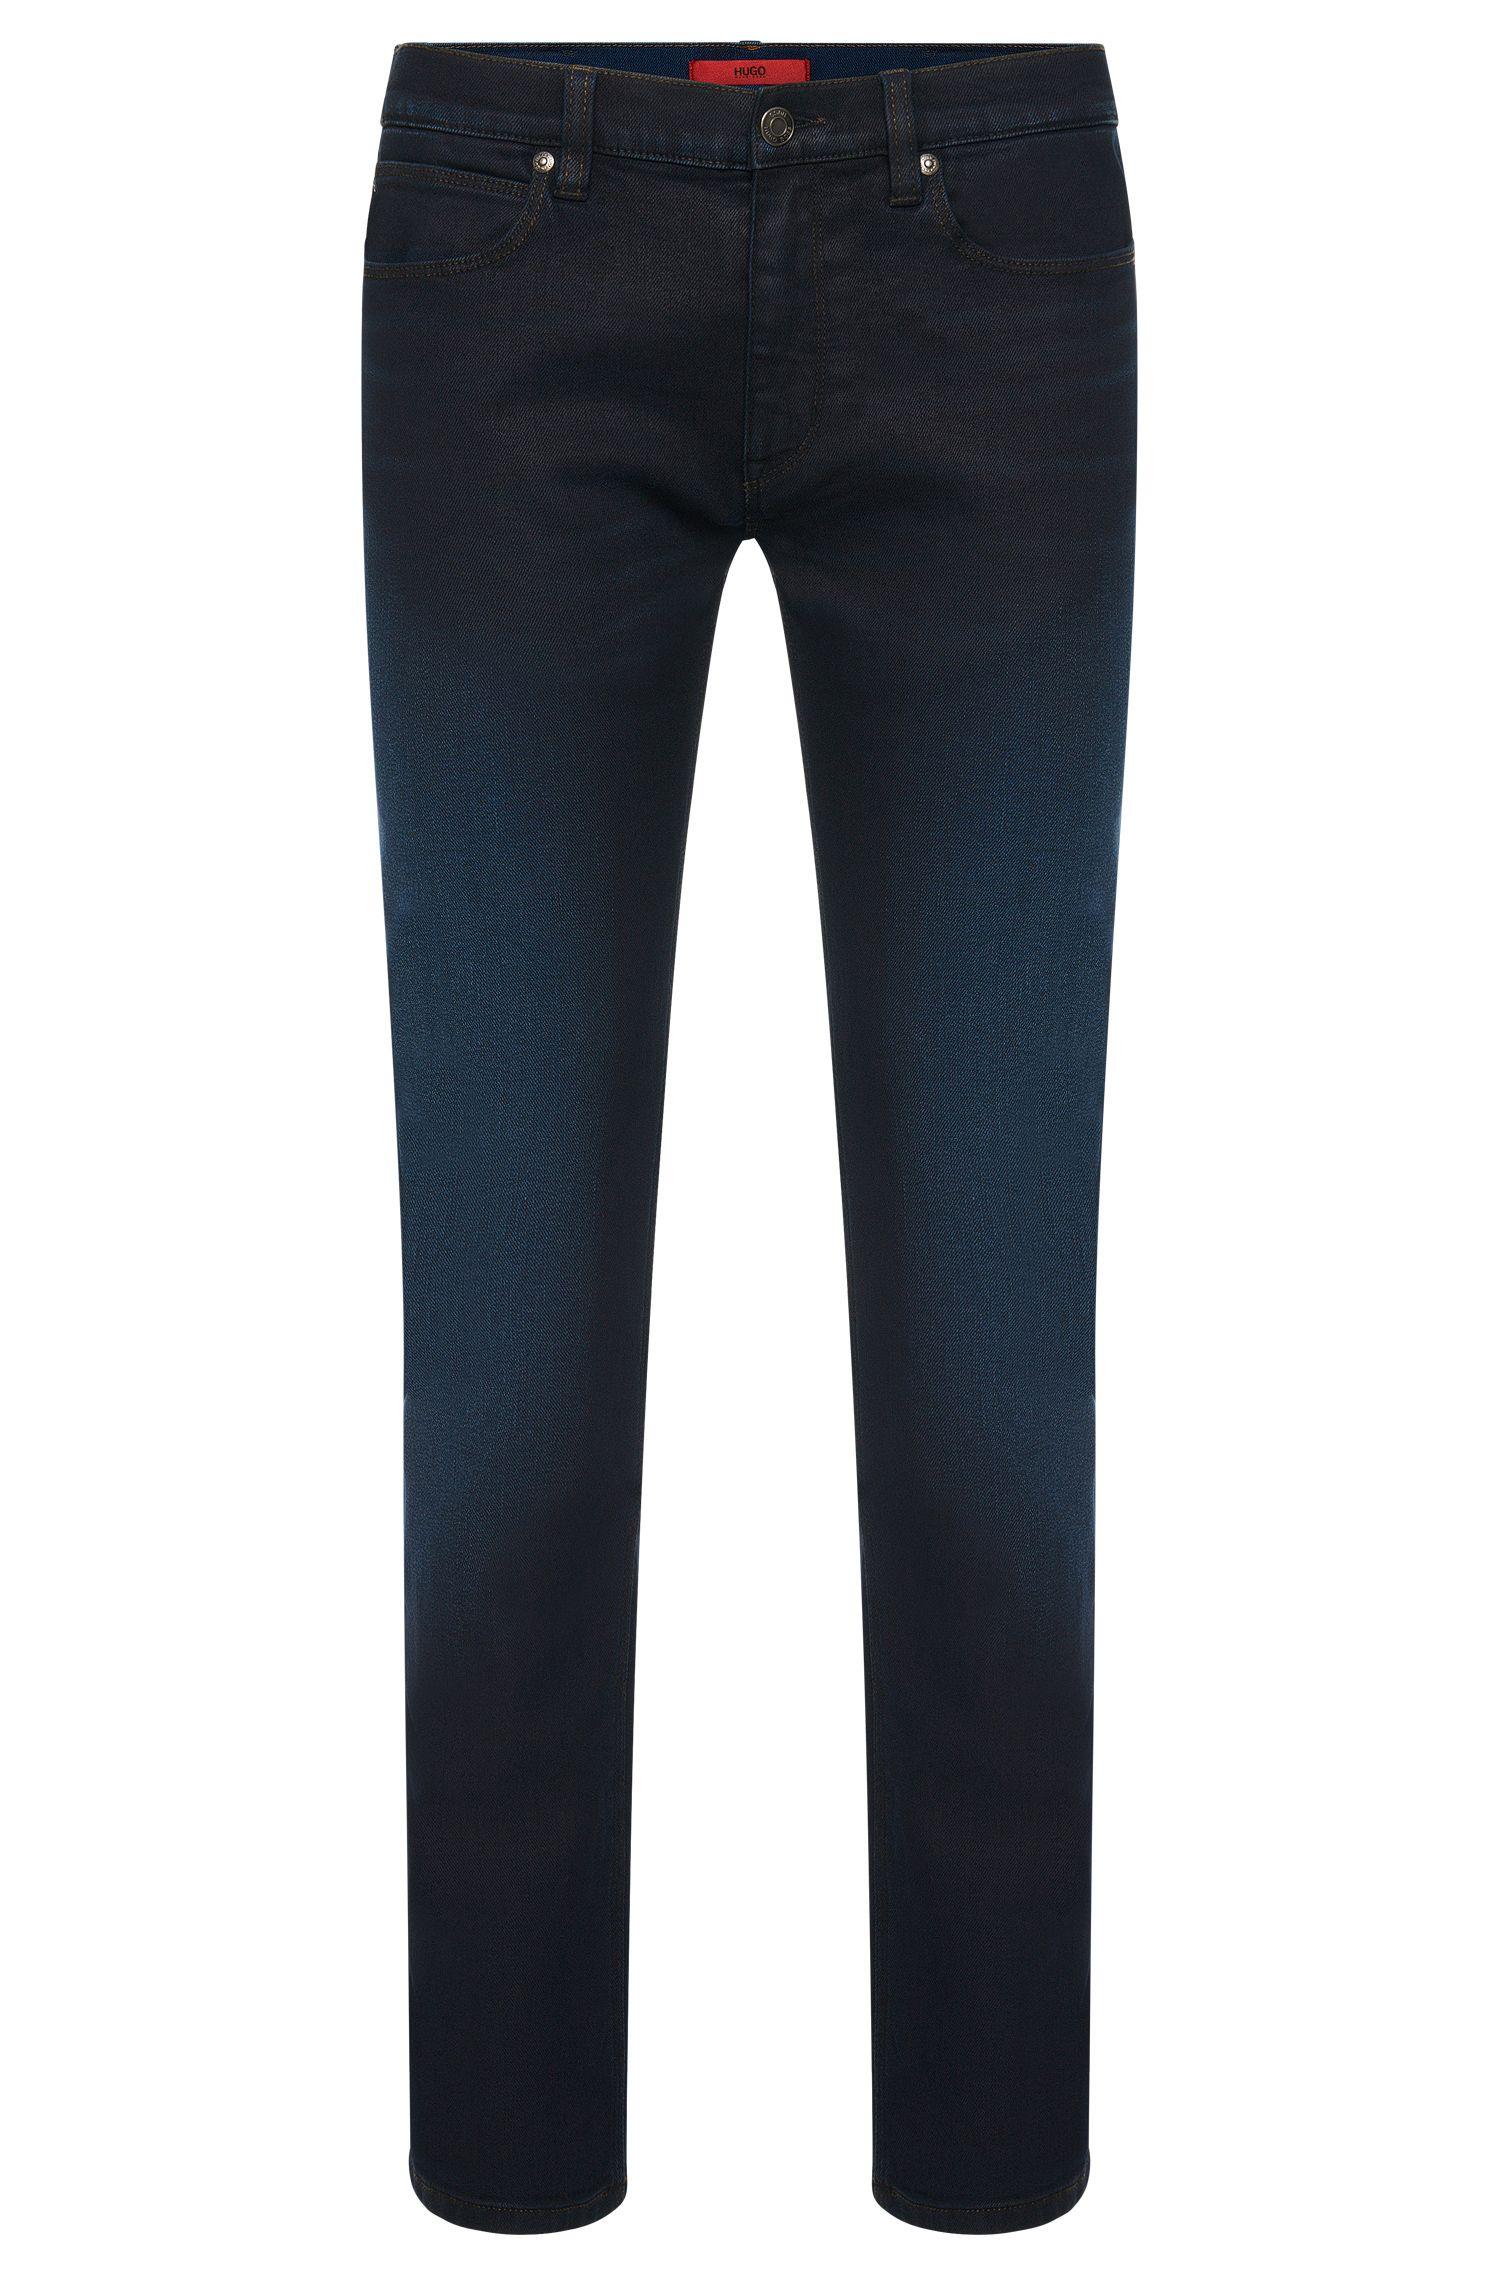 Jeans Slim Fit en coton mélangé extensible aux discrets effets délavés: «HUGO708»